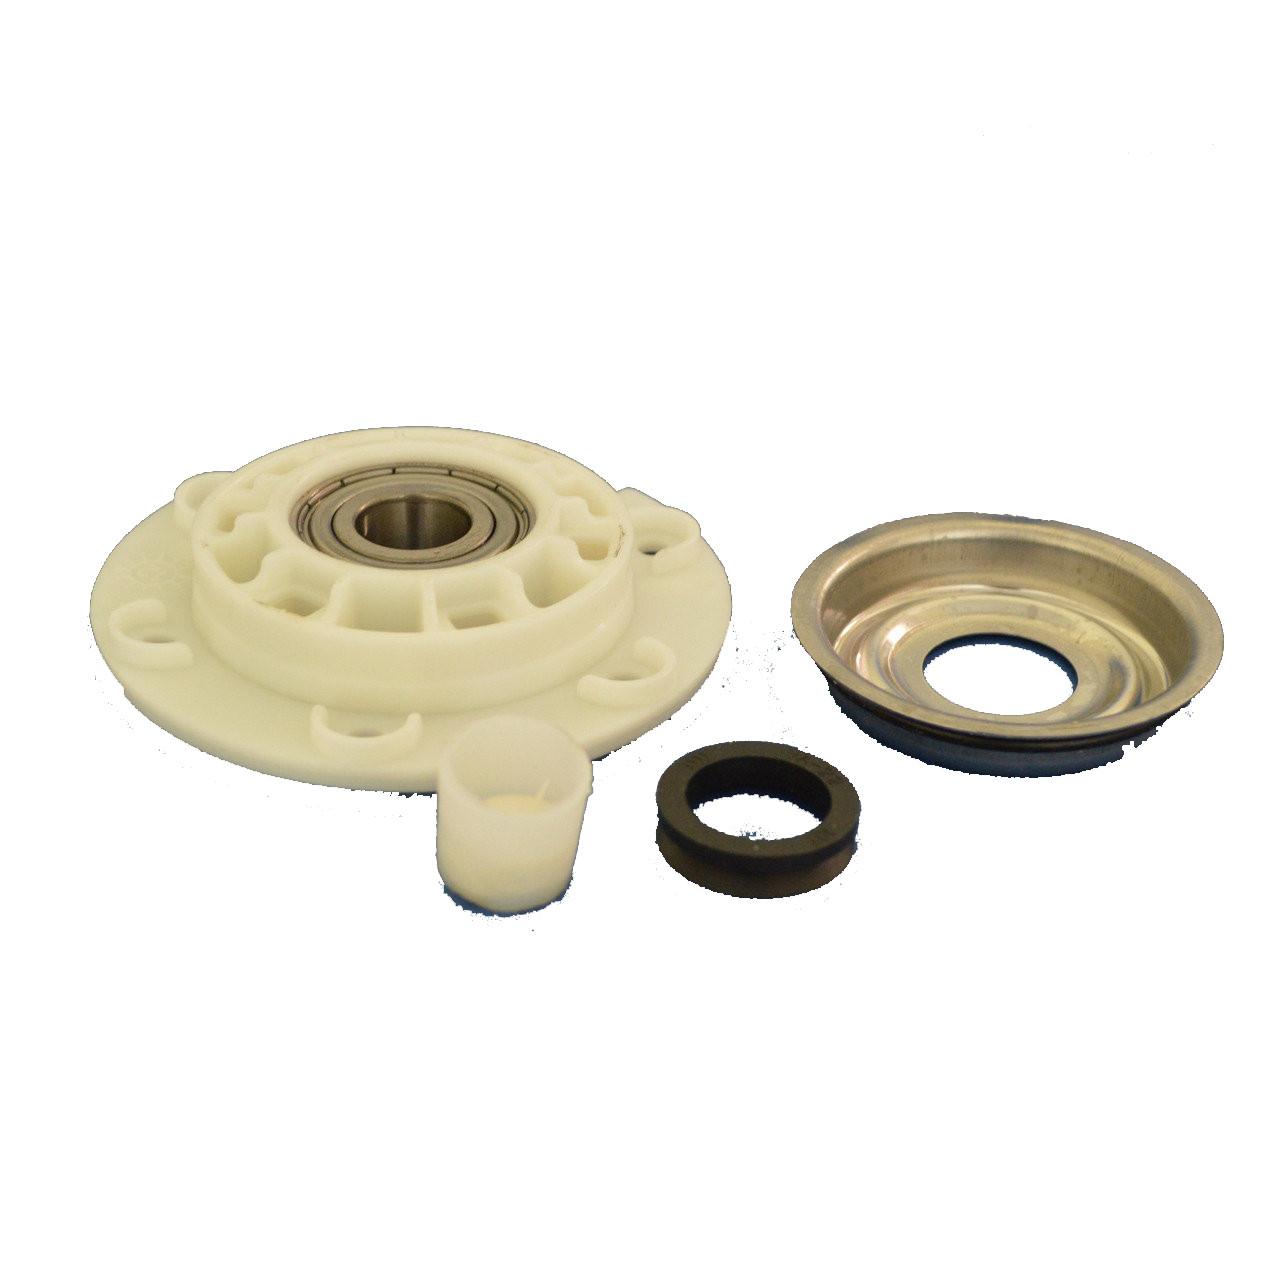 Суппорт для стиральной машины Zanussil Electrolux 4071424214, COD EBI 720